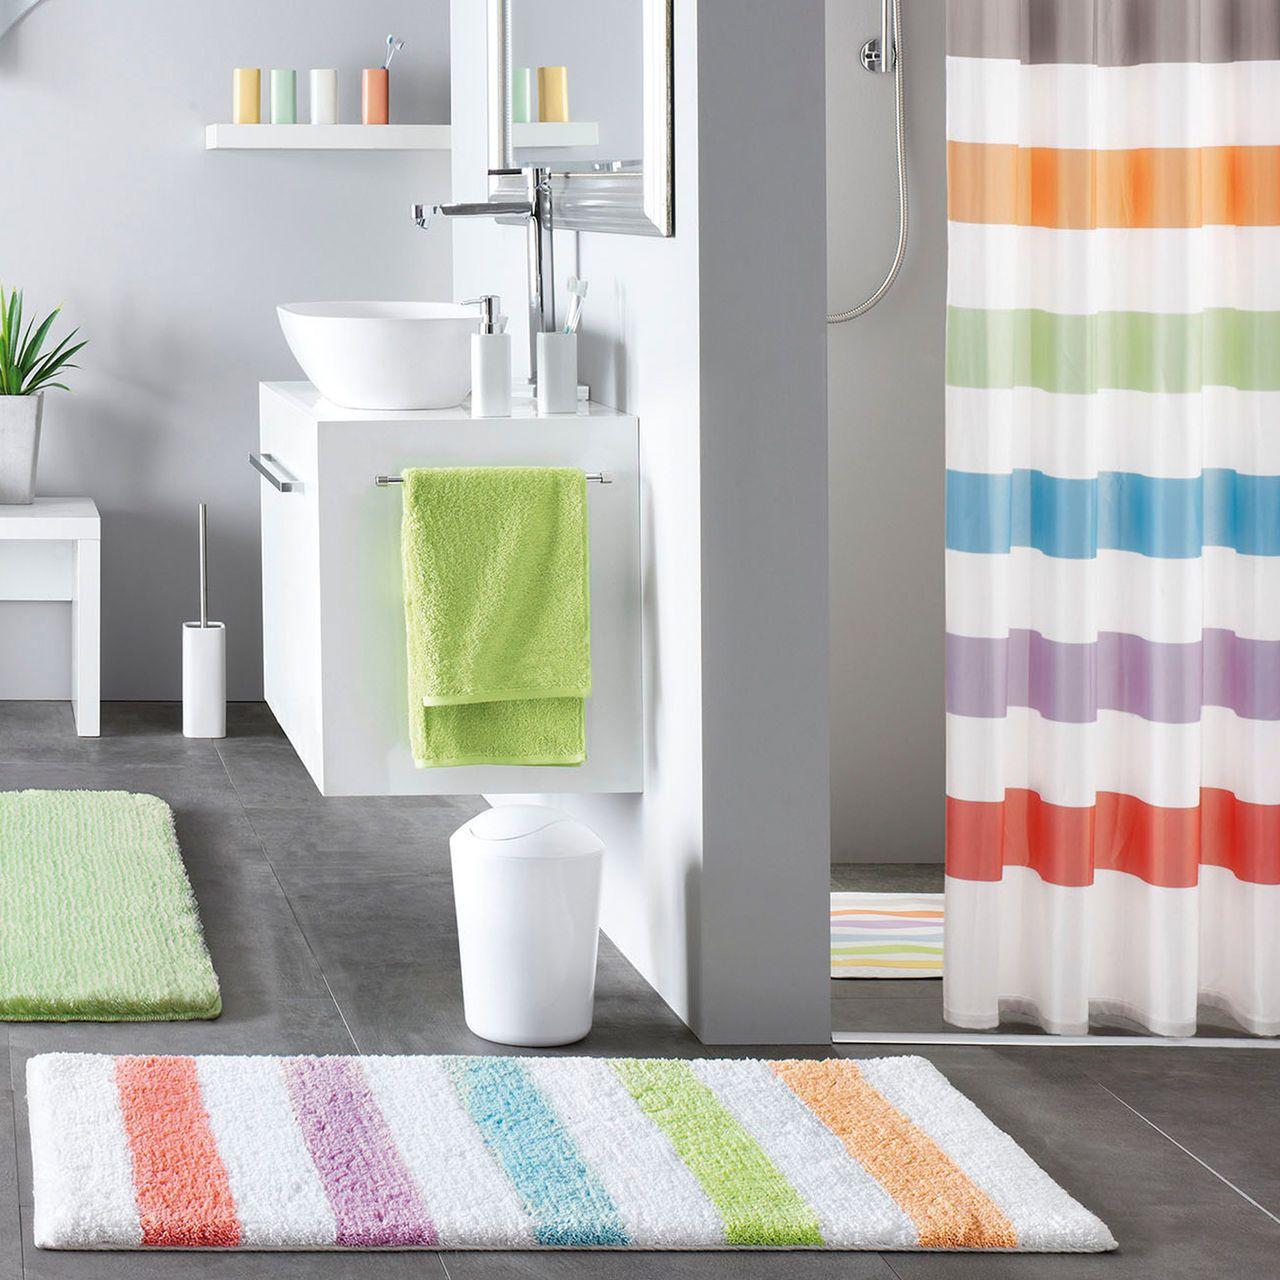 Badteppich Duschvorhang Kleine Wolke Dusche Duschvorhang